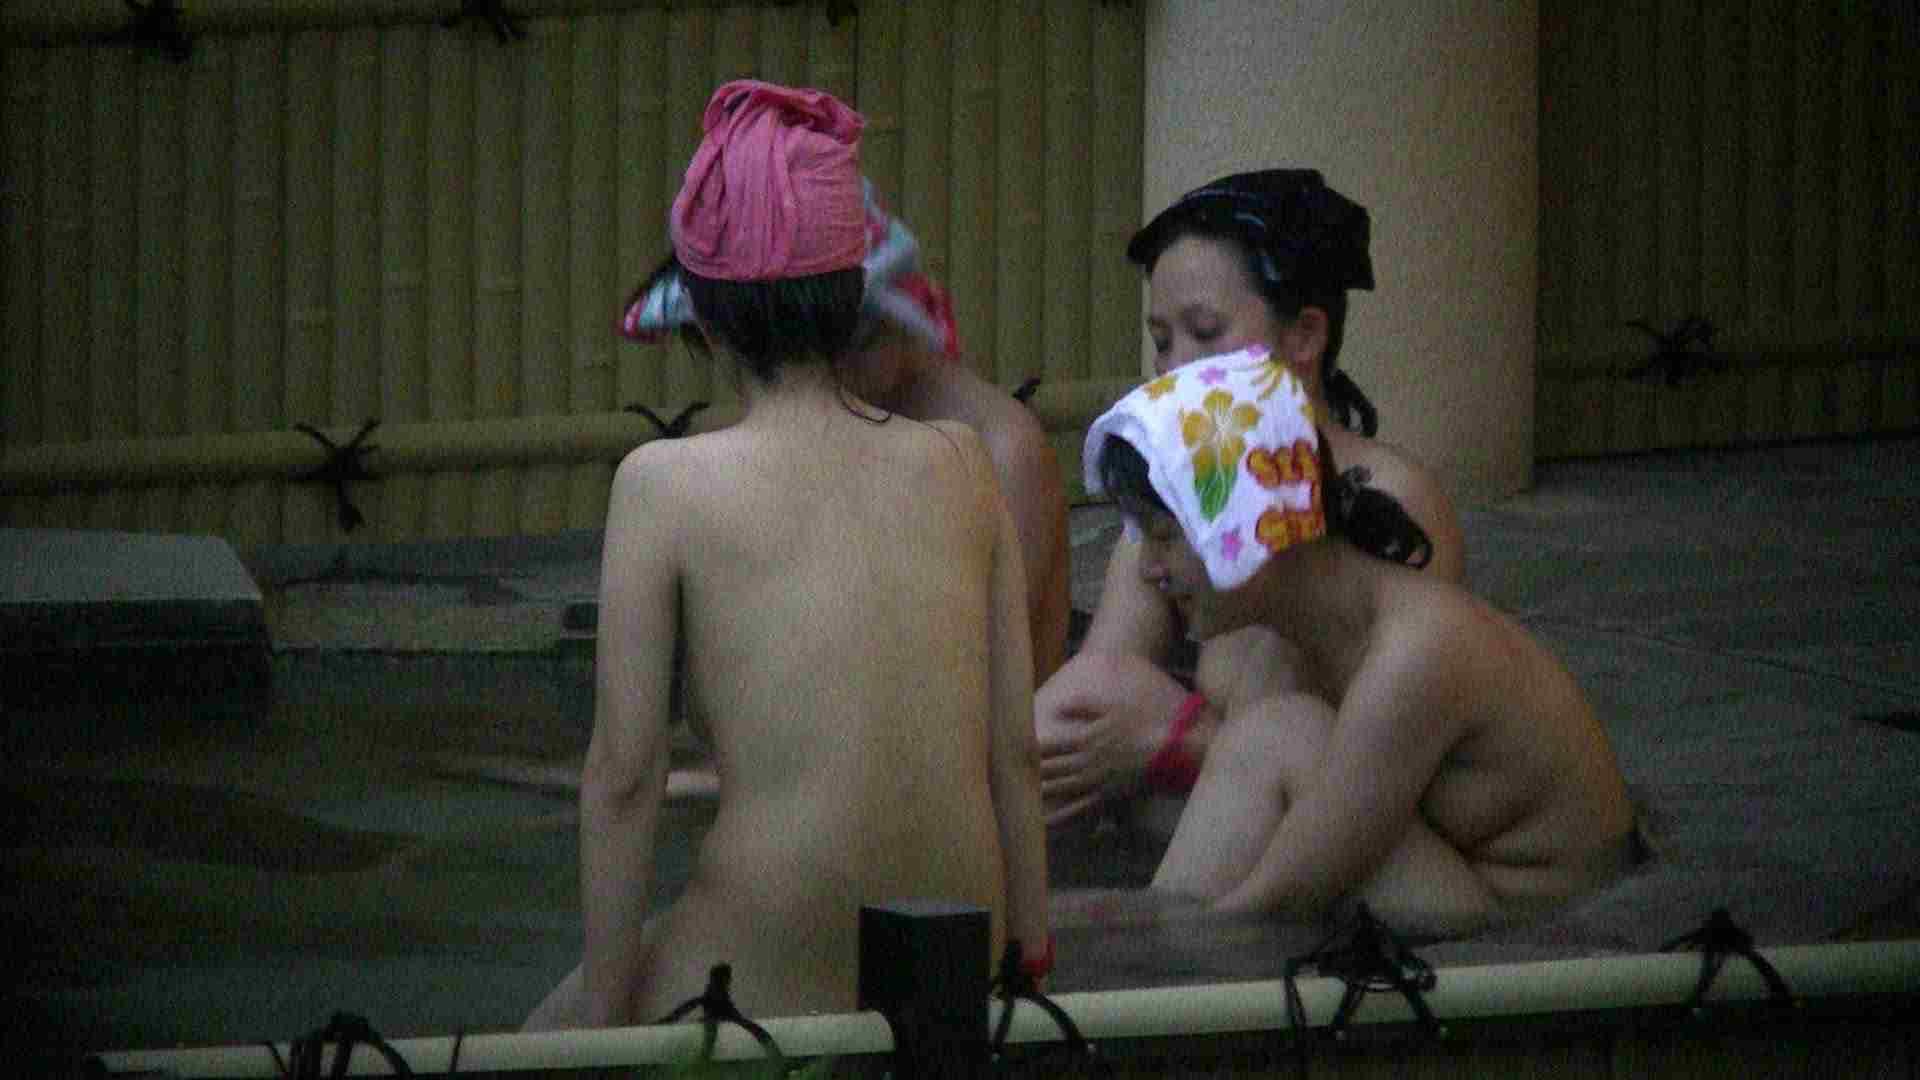 Aquaな露天風呂Vol.149 美しいOLの裸体 | 盗撮師作品  101pic 43